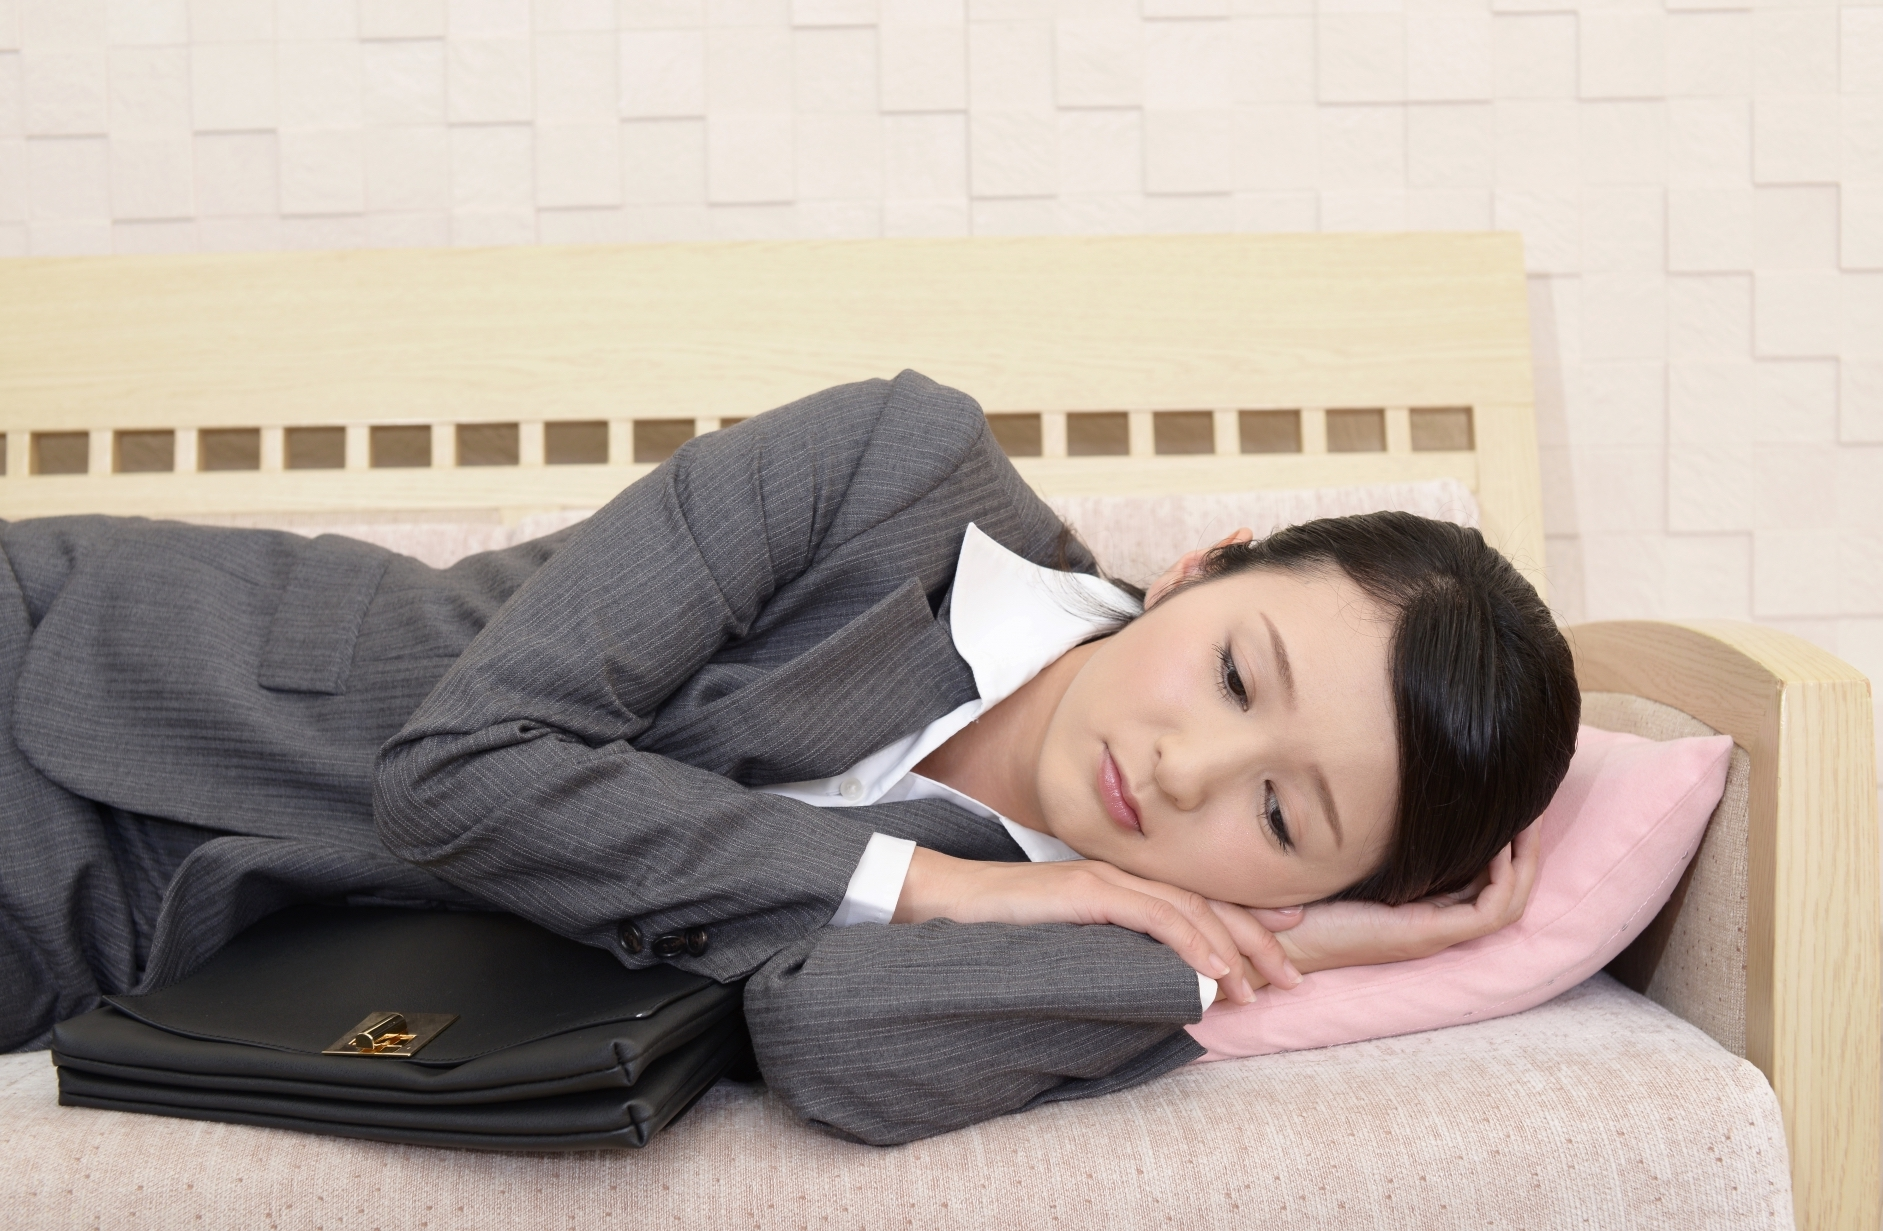 毎朝憂鬱で家にいたい!会社・仕事に行きたくない時の気持ちの整理と対処法